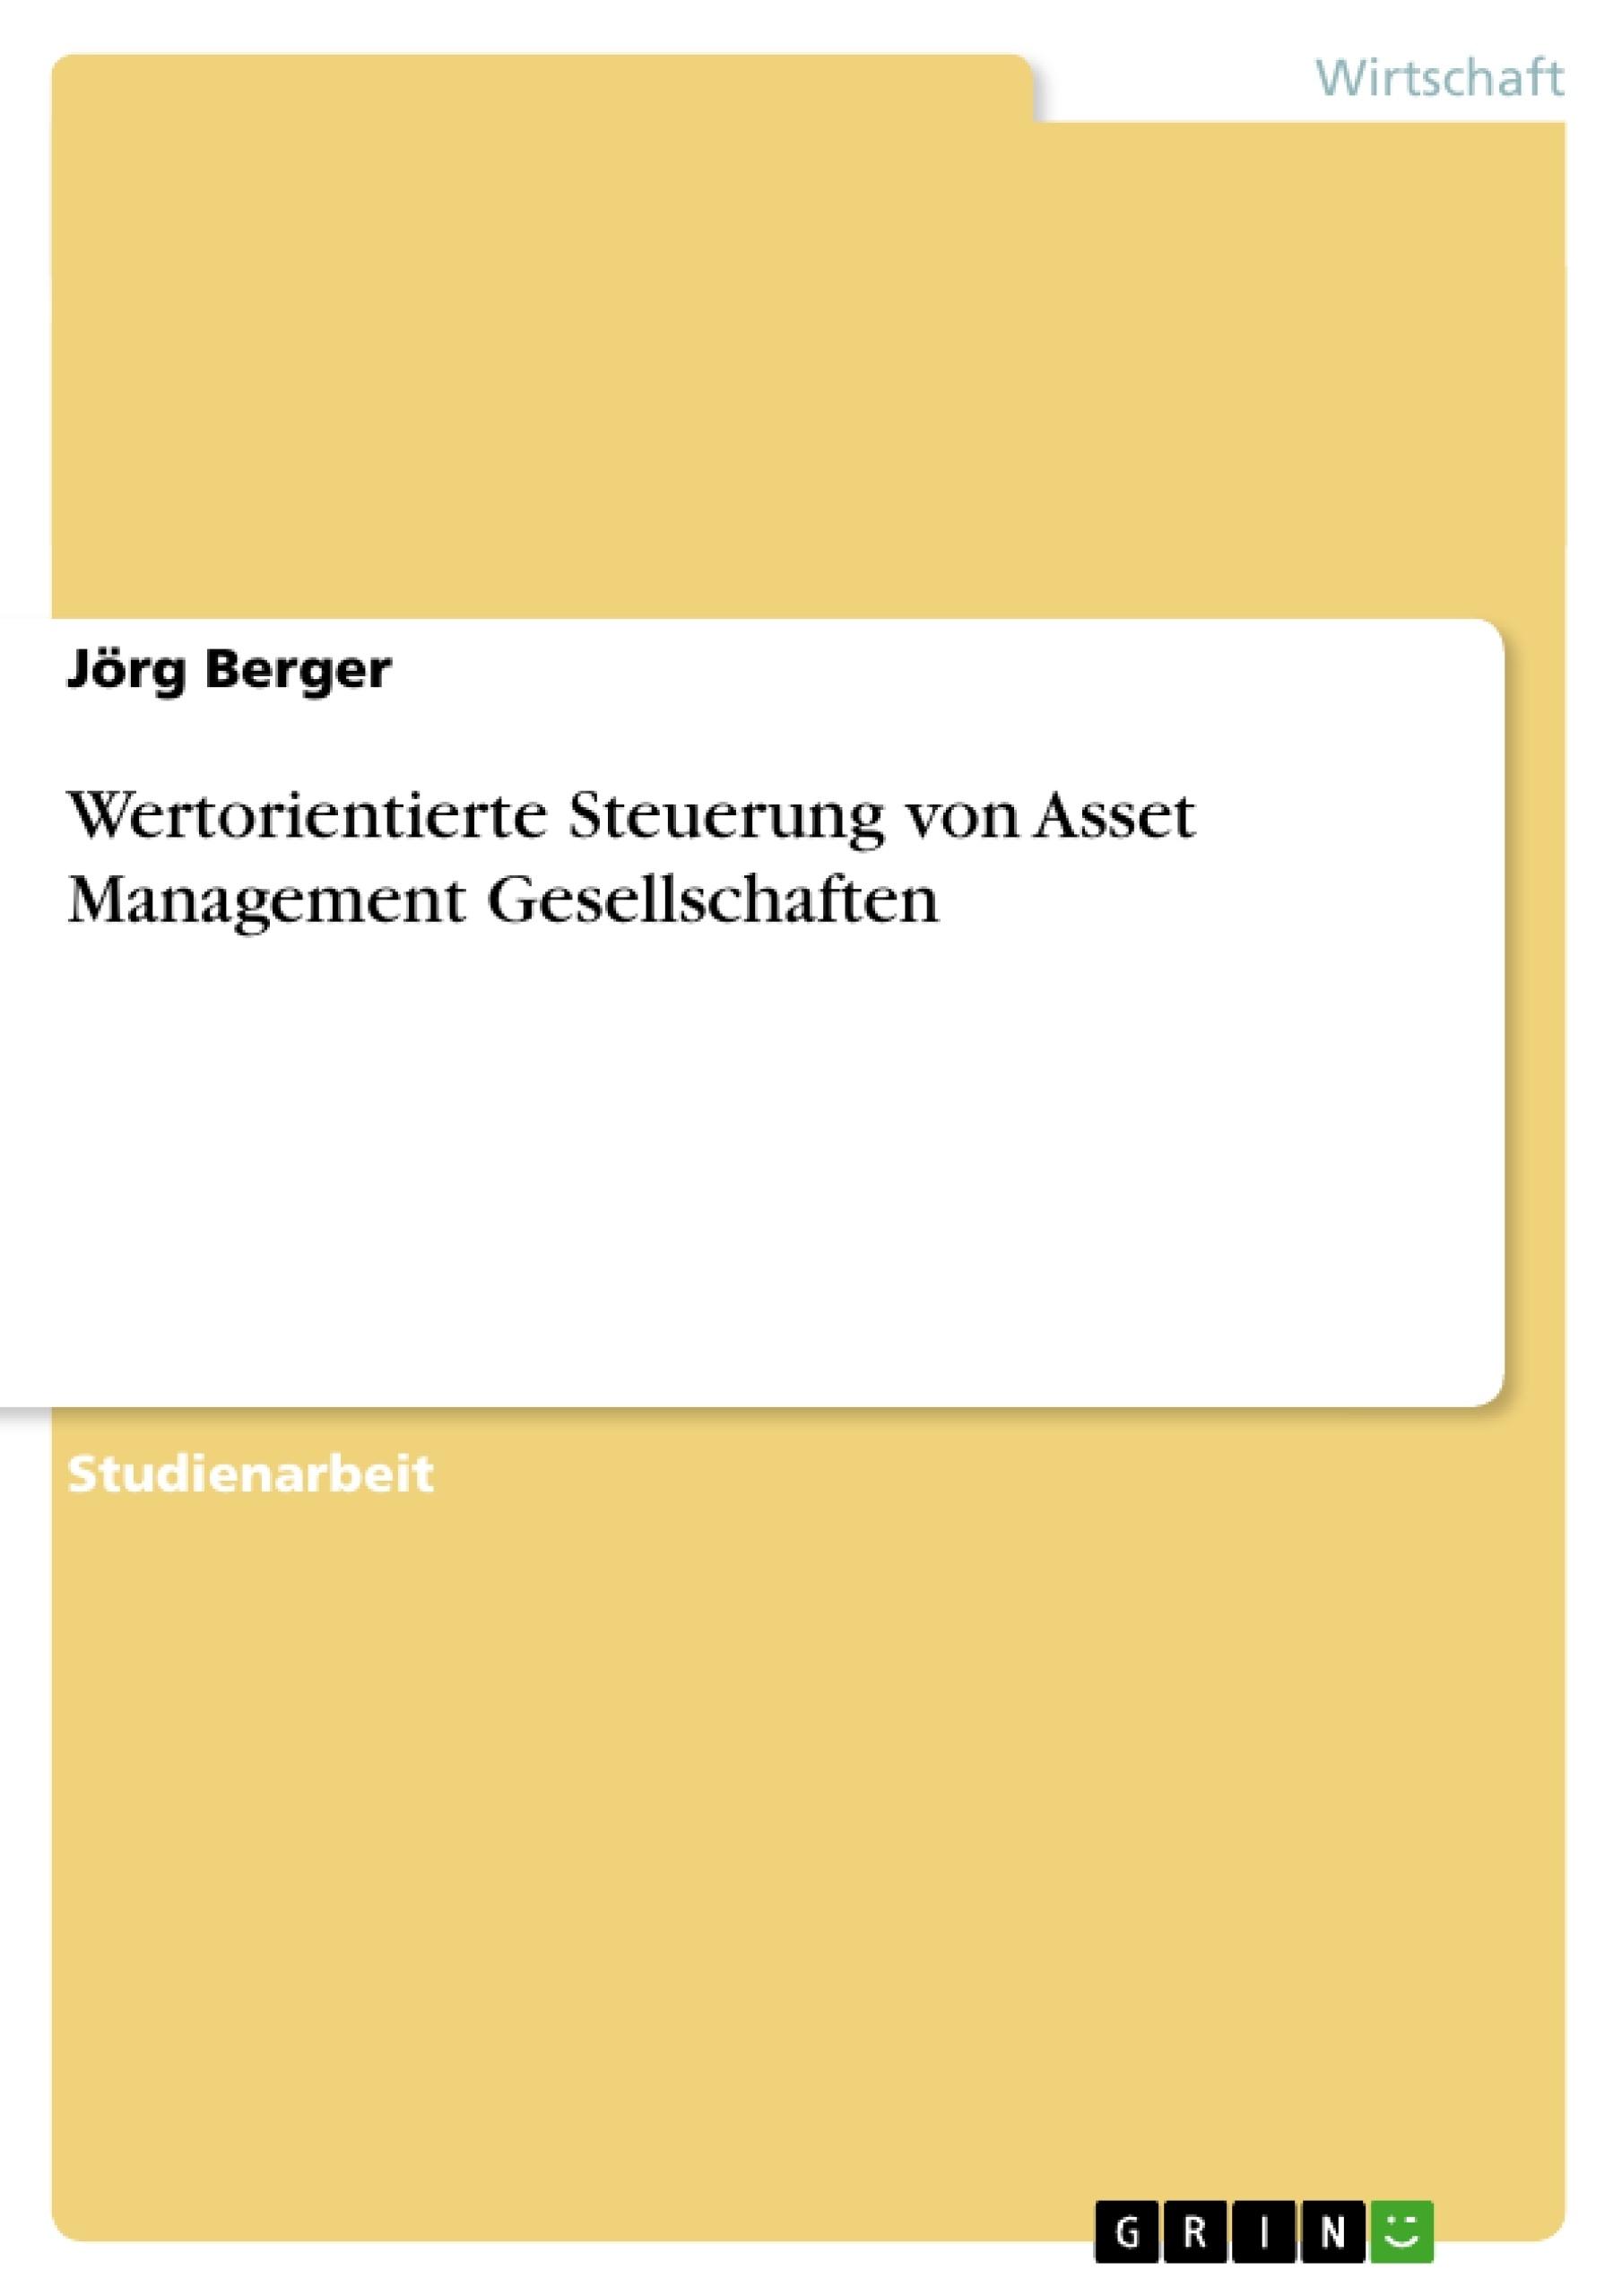 Titel: Wertorientierte Steuerung von Asset Management Gesellschaften